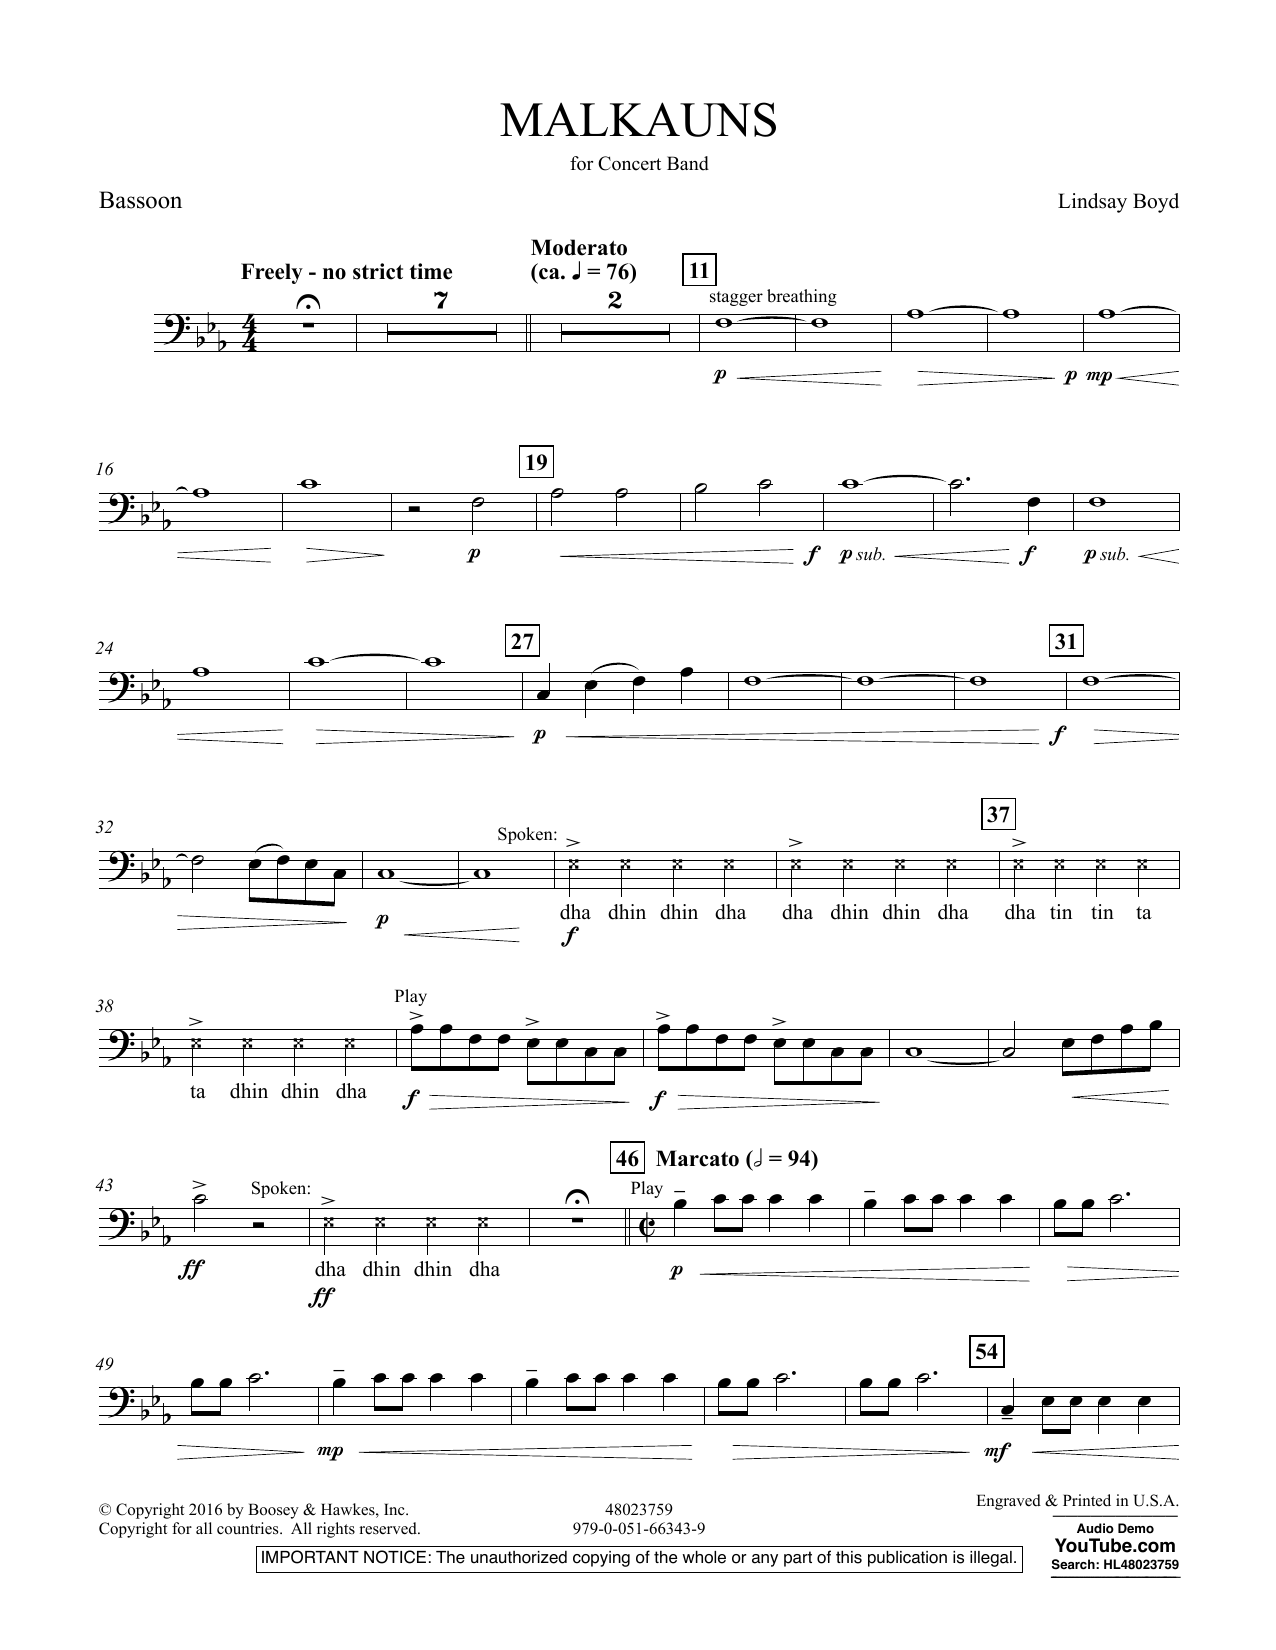 Malkauns - Bassoon